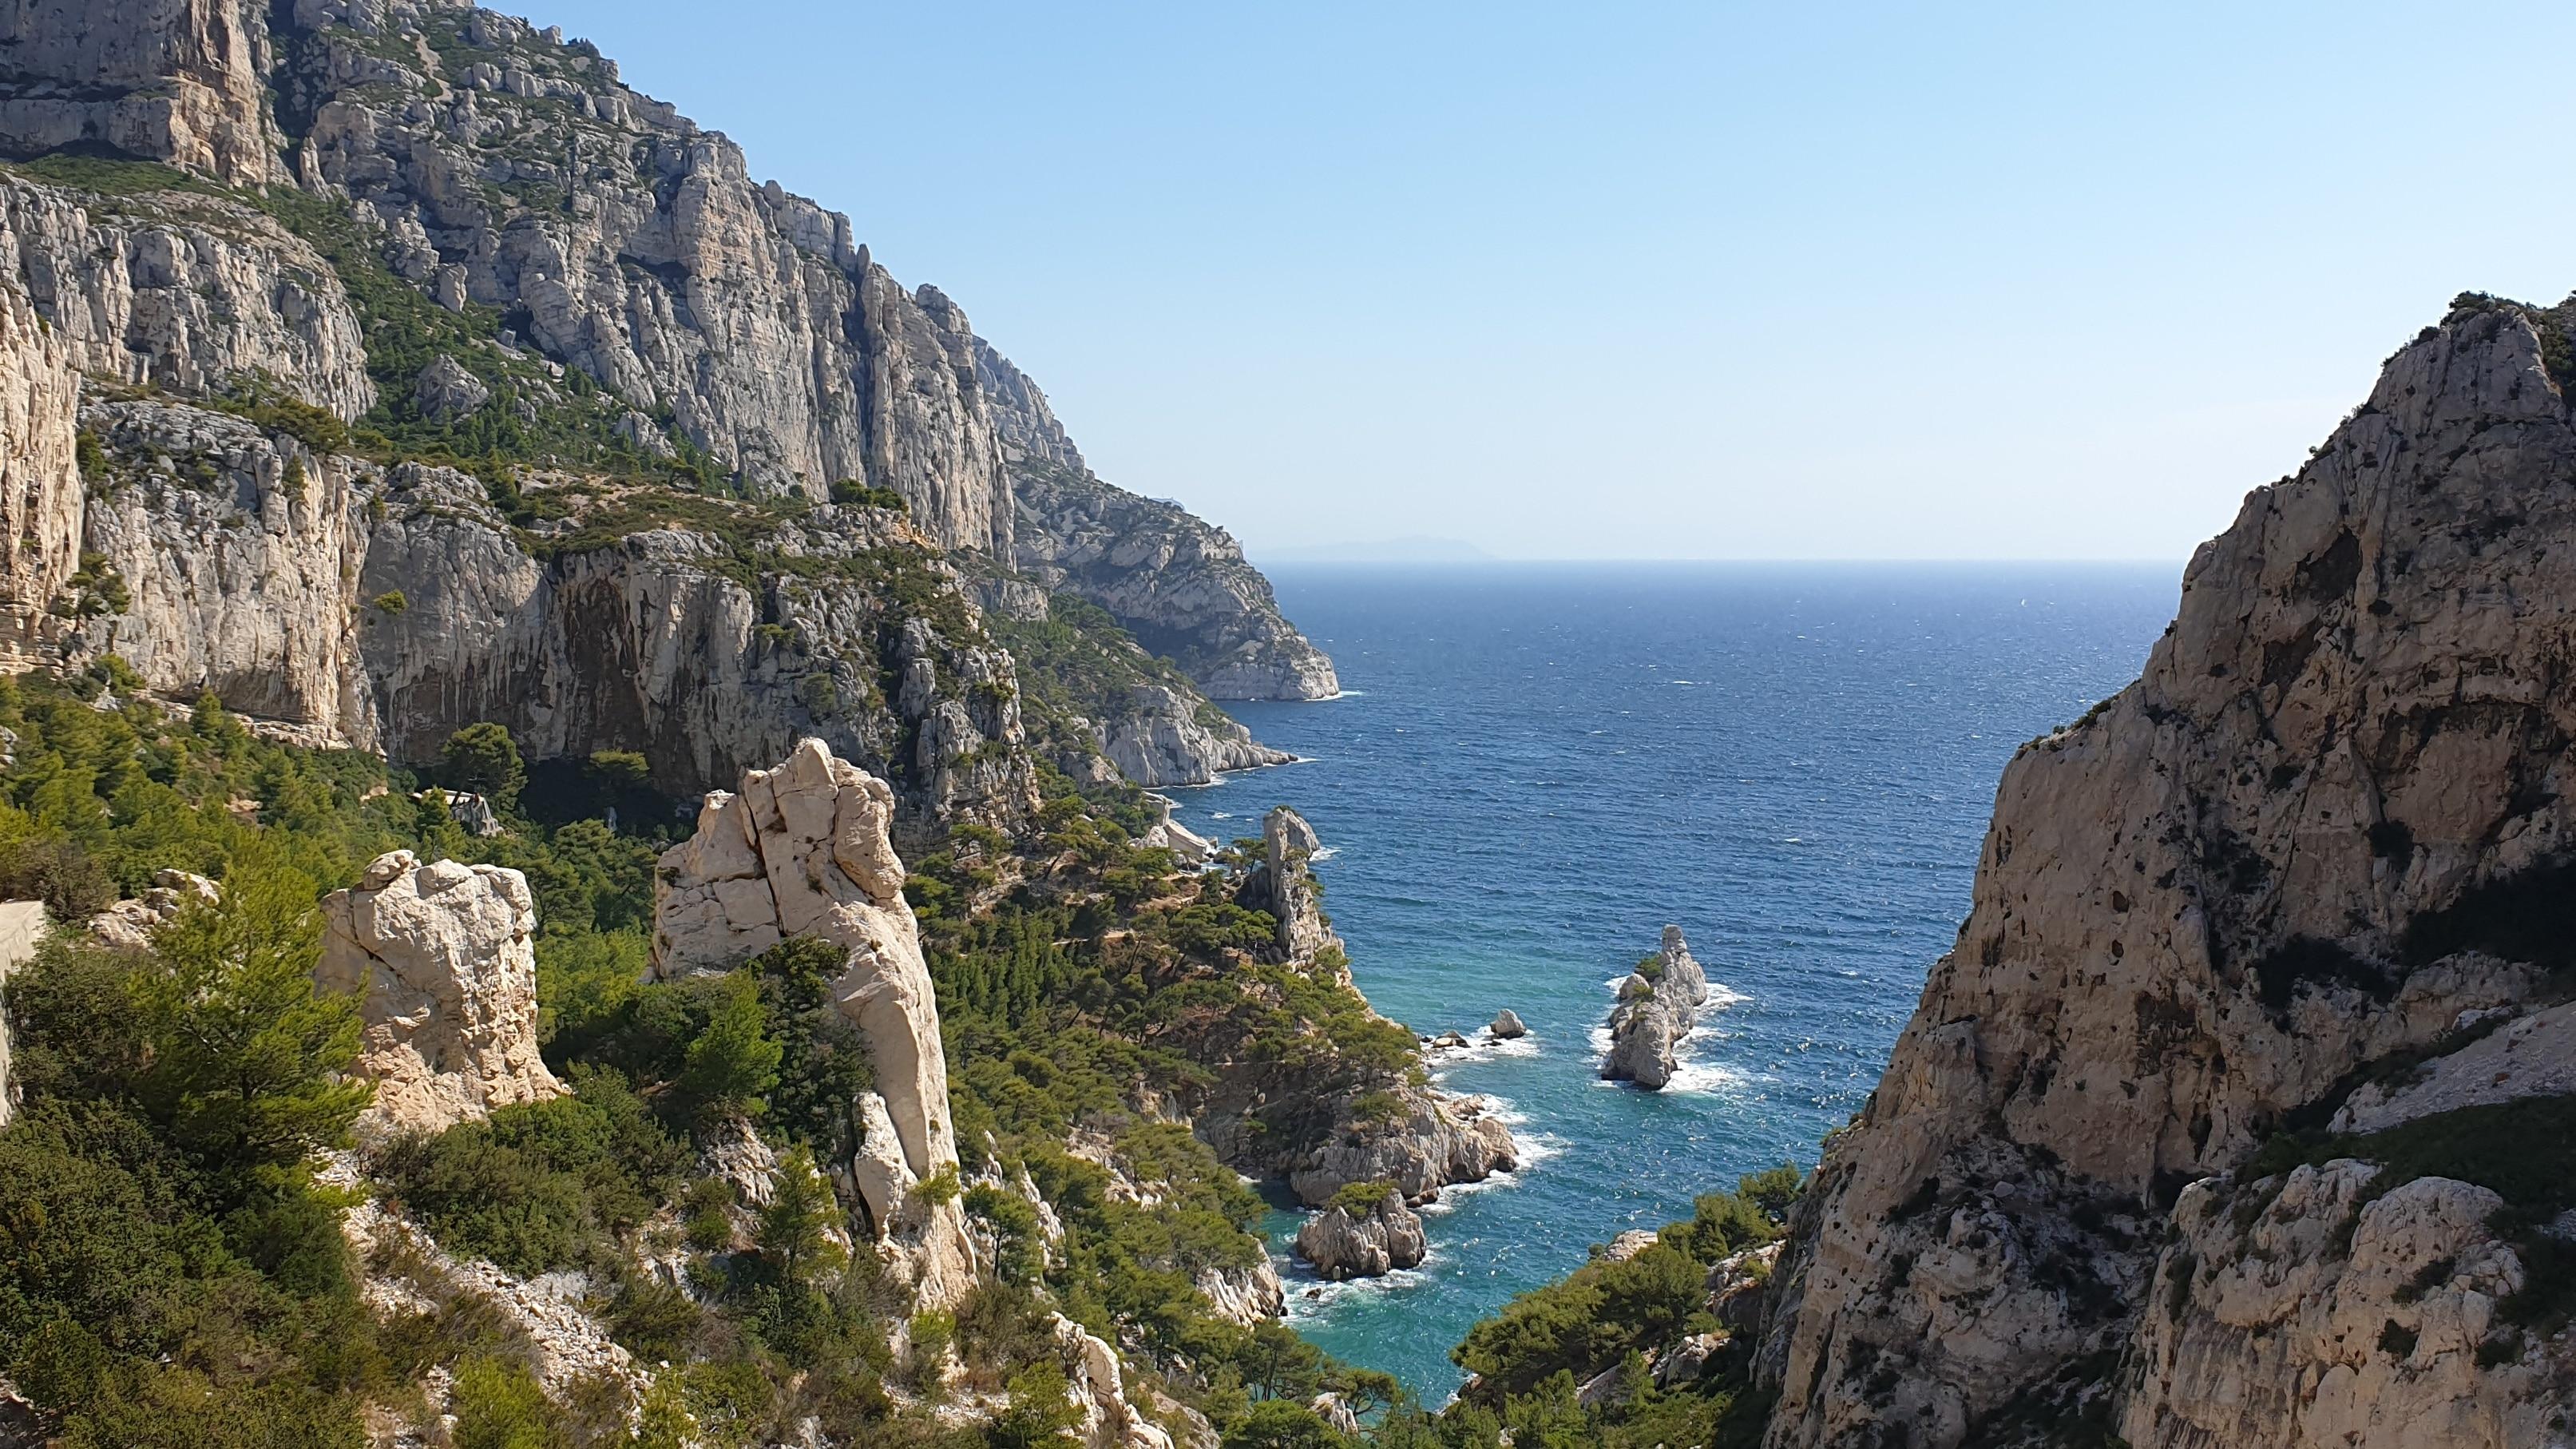 Die Calanques bei Marseille: Wanderwege bieten eine traumhafte Aussicht auf das tiefblaue Mittelmeer